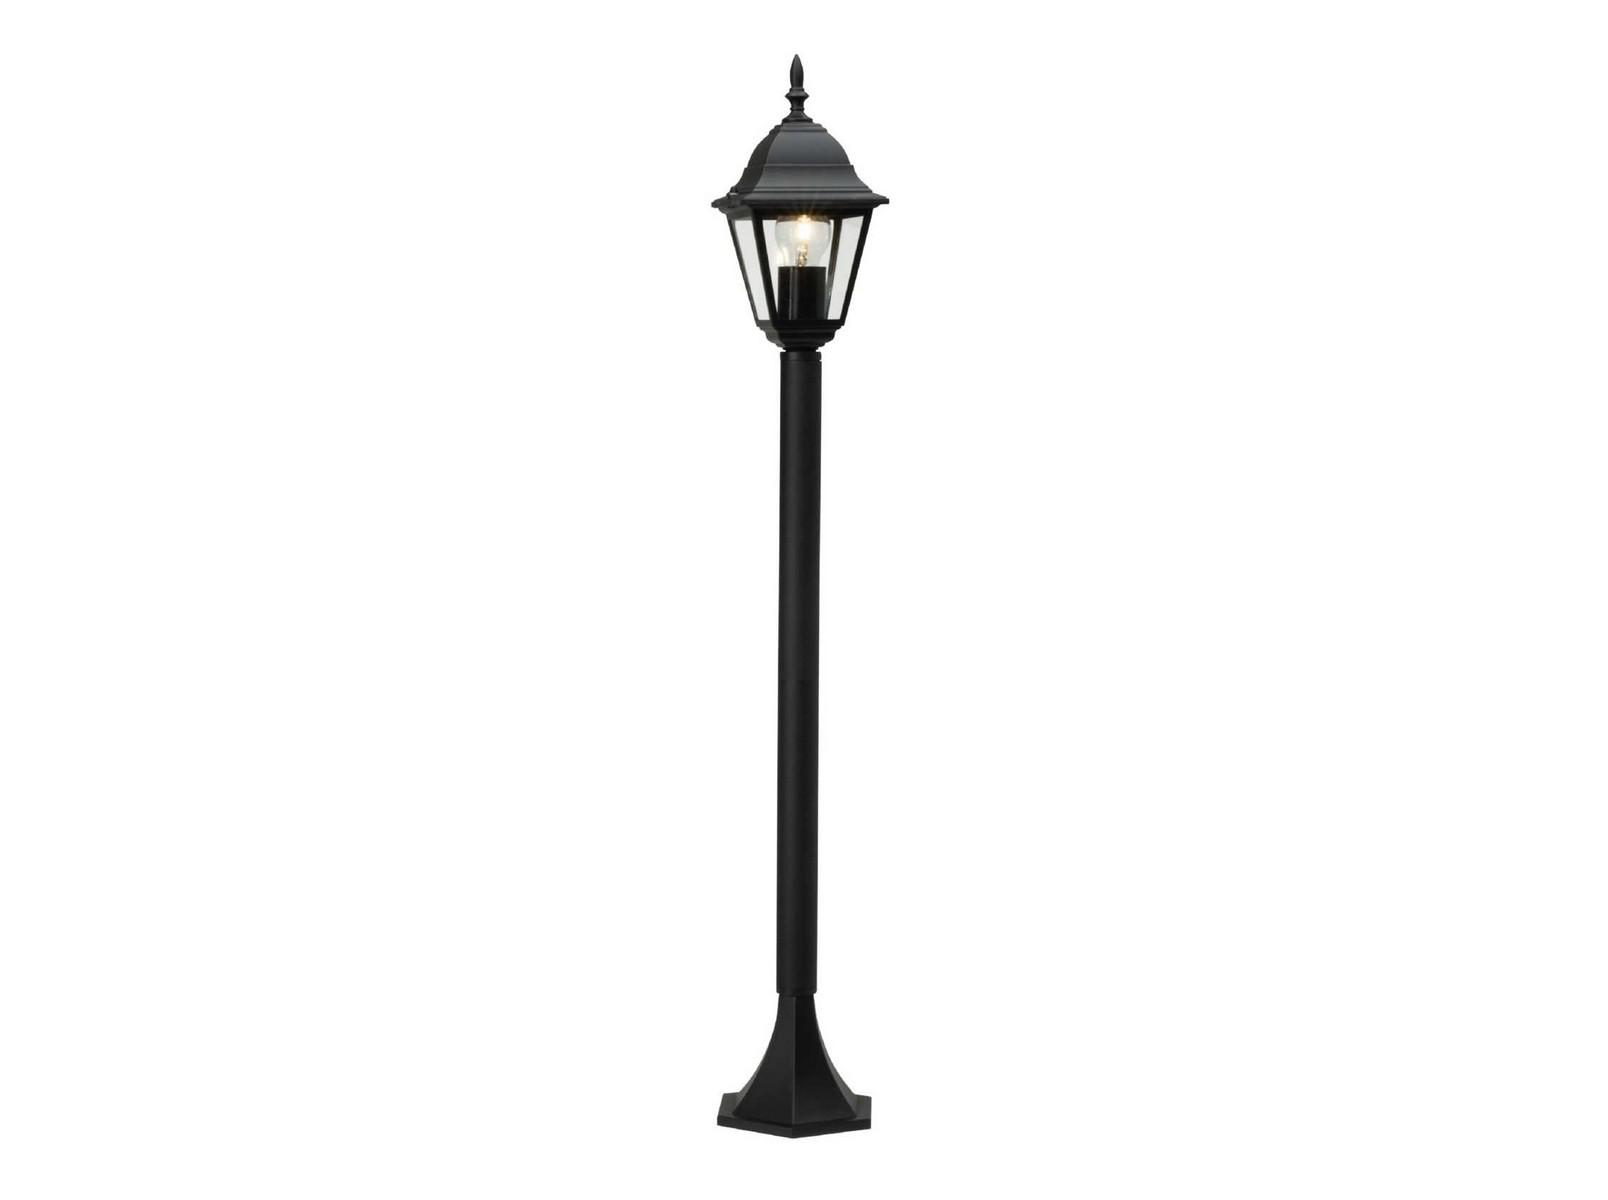 Светильник напольный NewportУличные наземные светильники<br>Вид цоколя: E27&amp;amp;nbsp;&amp;lt;div&amp;gt;Количество ламп: 1&amp;amp;nbsp;&amp;lt;/div&amp;gt;&amp;lt;div&amp;gt;Наличие ламп: отсутствуют&amp;amp;nbsp;&amp;lt;/div&amp;gt;&amp;lt;div&amp;gt;Мощность лампы: 60W&amp;lt;/div&amp;gt;<br><br>Material: Стекло<br>Height см: 102<br>Diameter см: 14